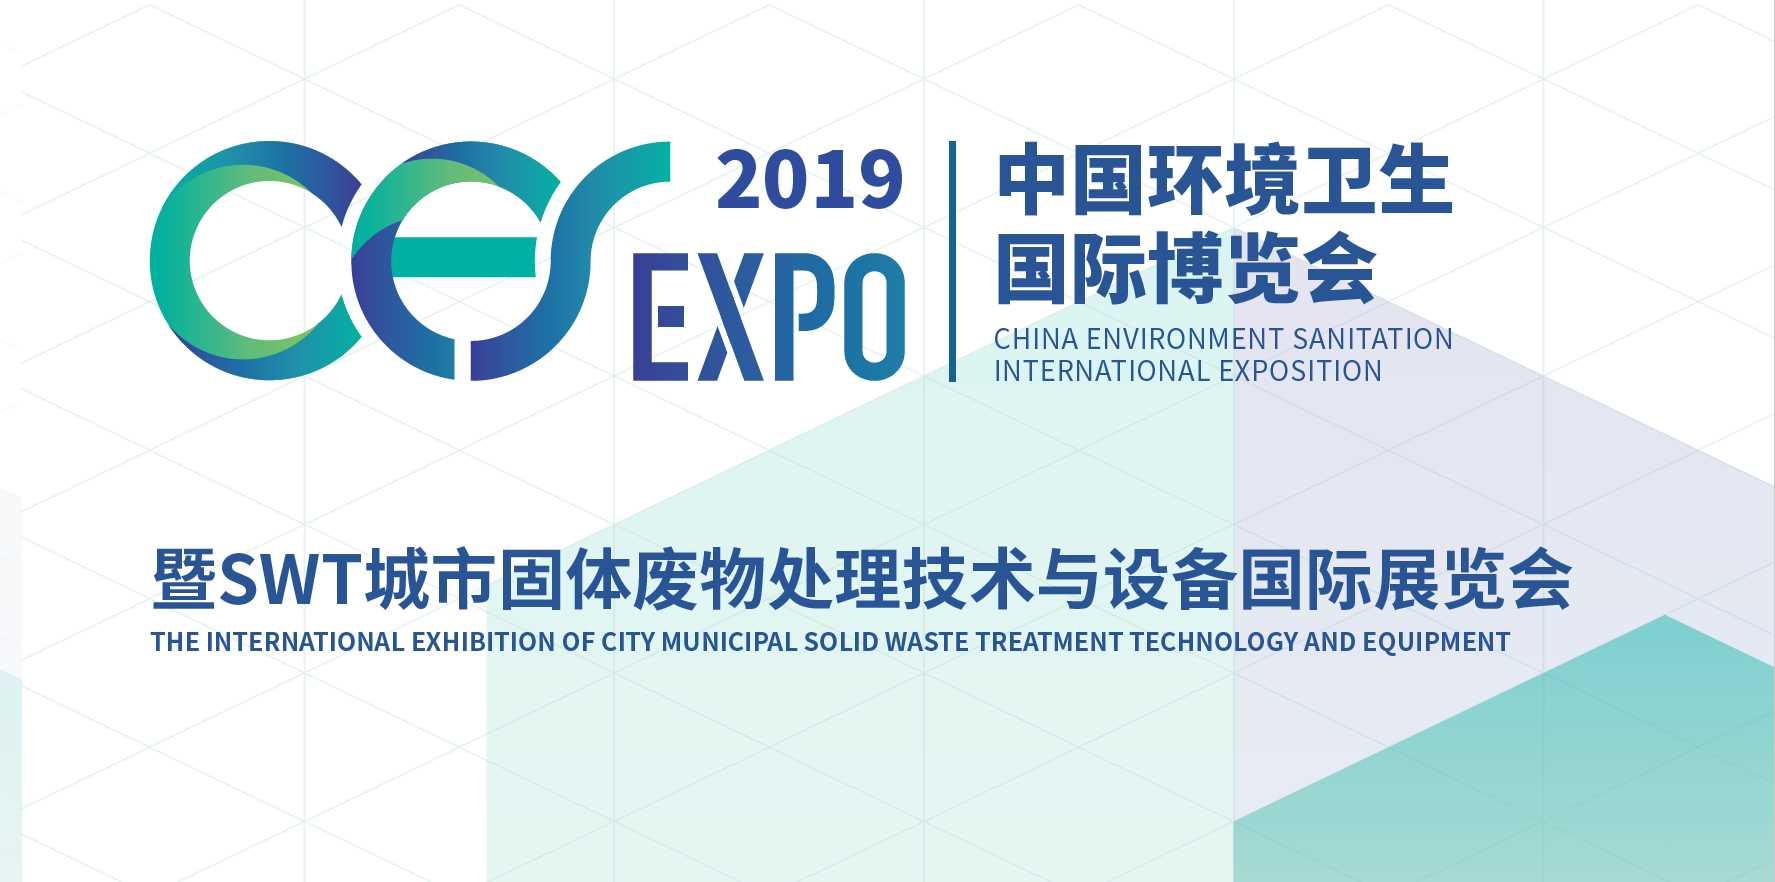 2019年中国环境卫生国际博览会暨SWT城市固体废物处理技术与设备国际展览会